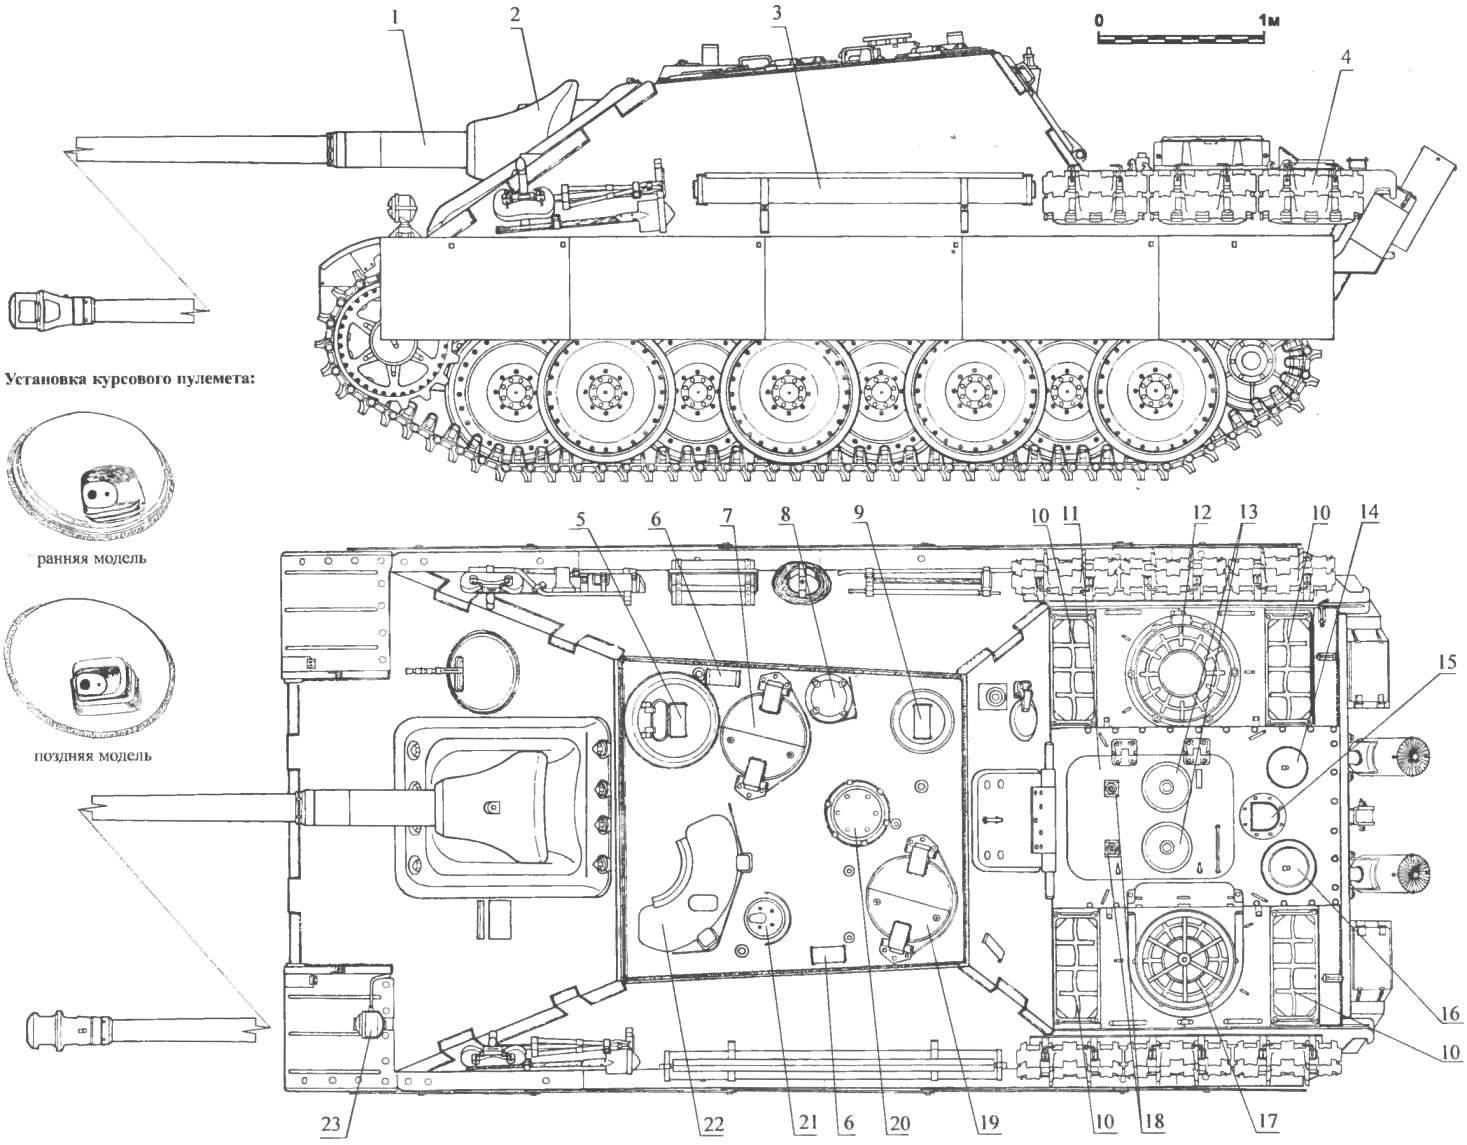 Самоходная артиллерийская установка «Ягдпантера»